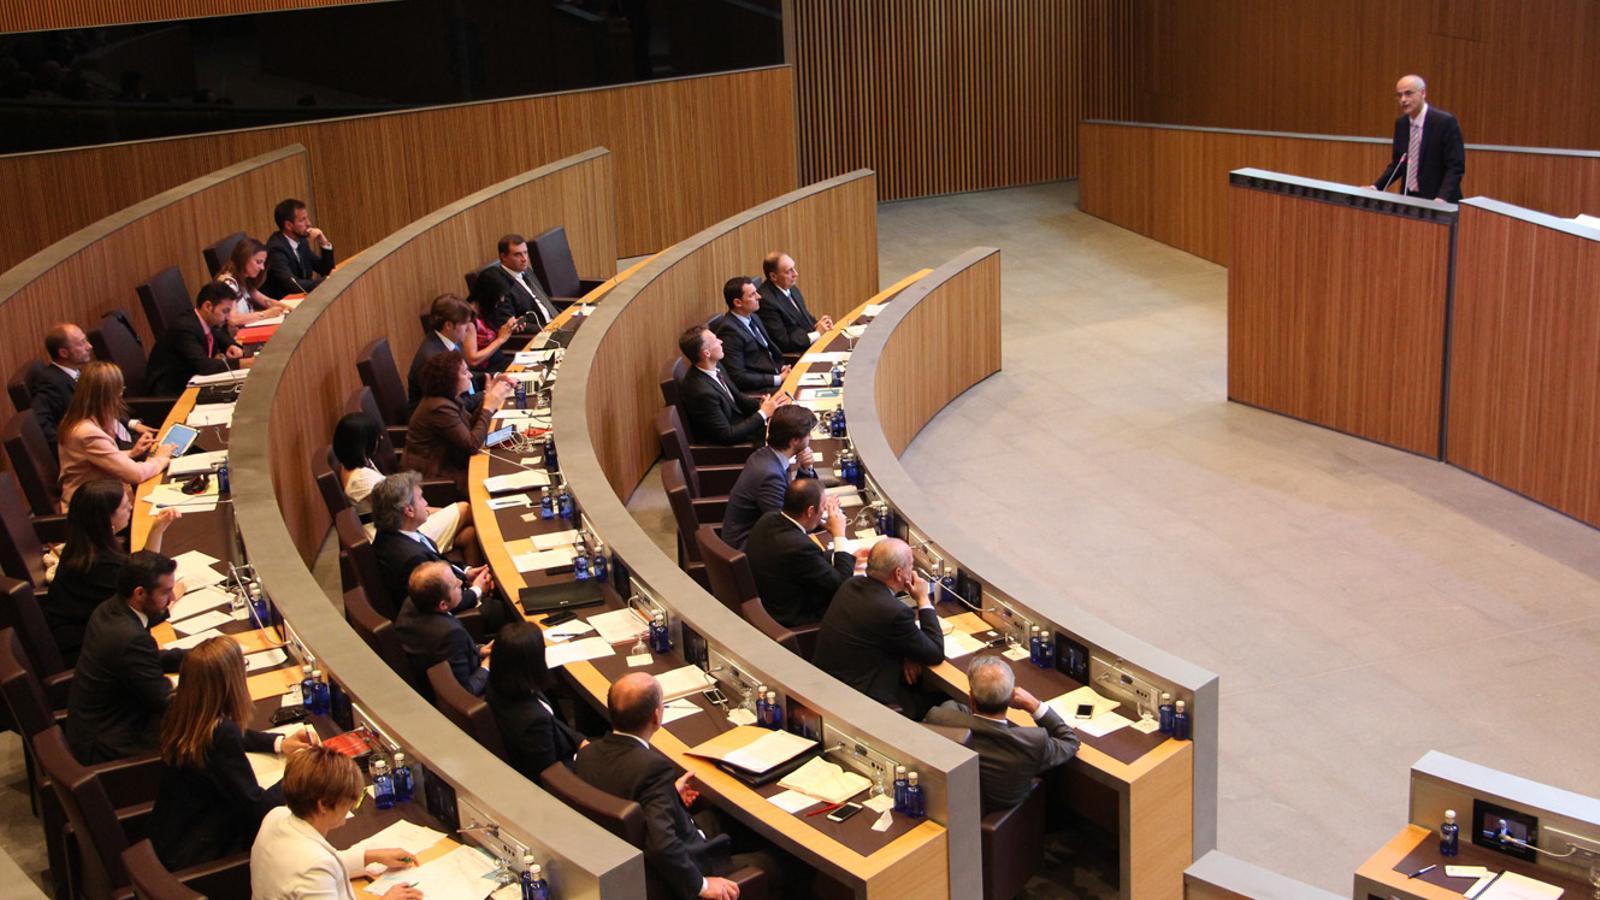 El cap de Govern, Toni Martí, ha defensat la posició del Govern sobre la qüestió.